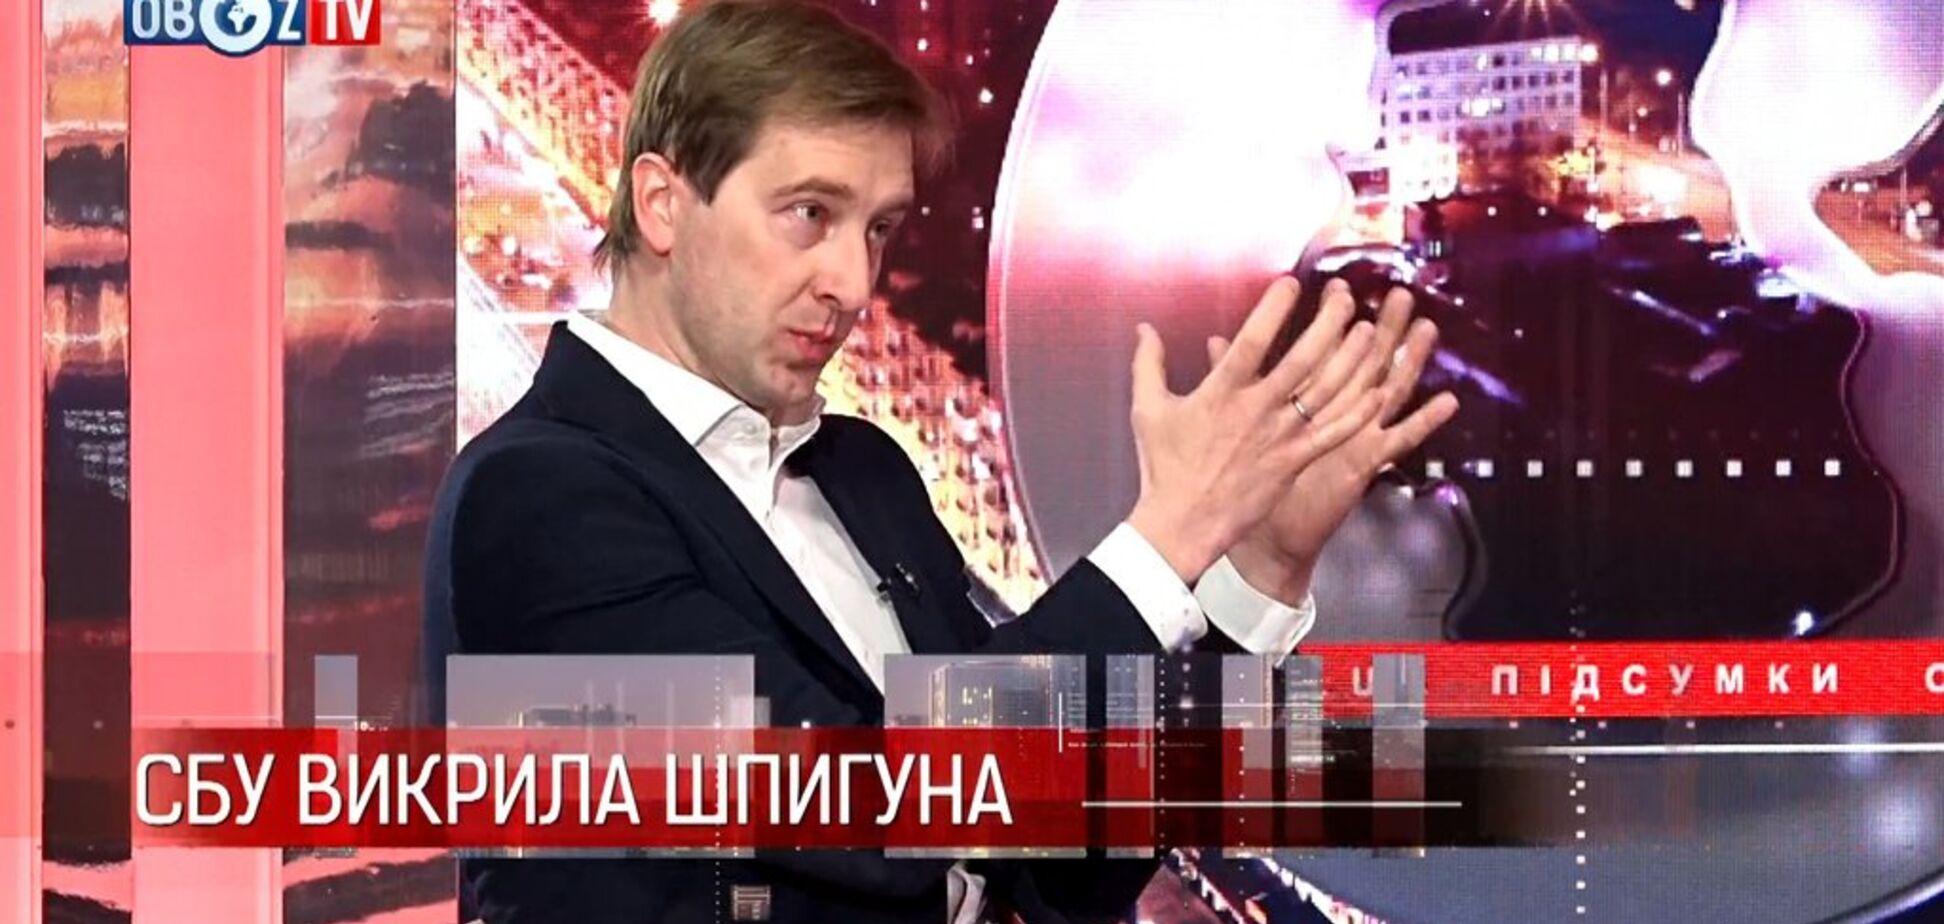 С молчаливого согласия Путина: экс-сотрудник СБУ раскрыл детали спецопераций России за рубежом